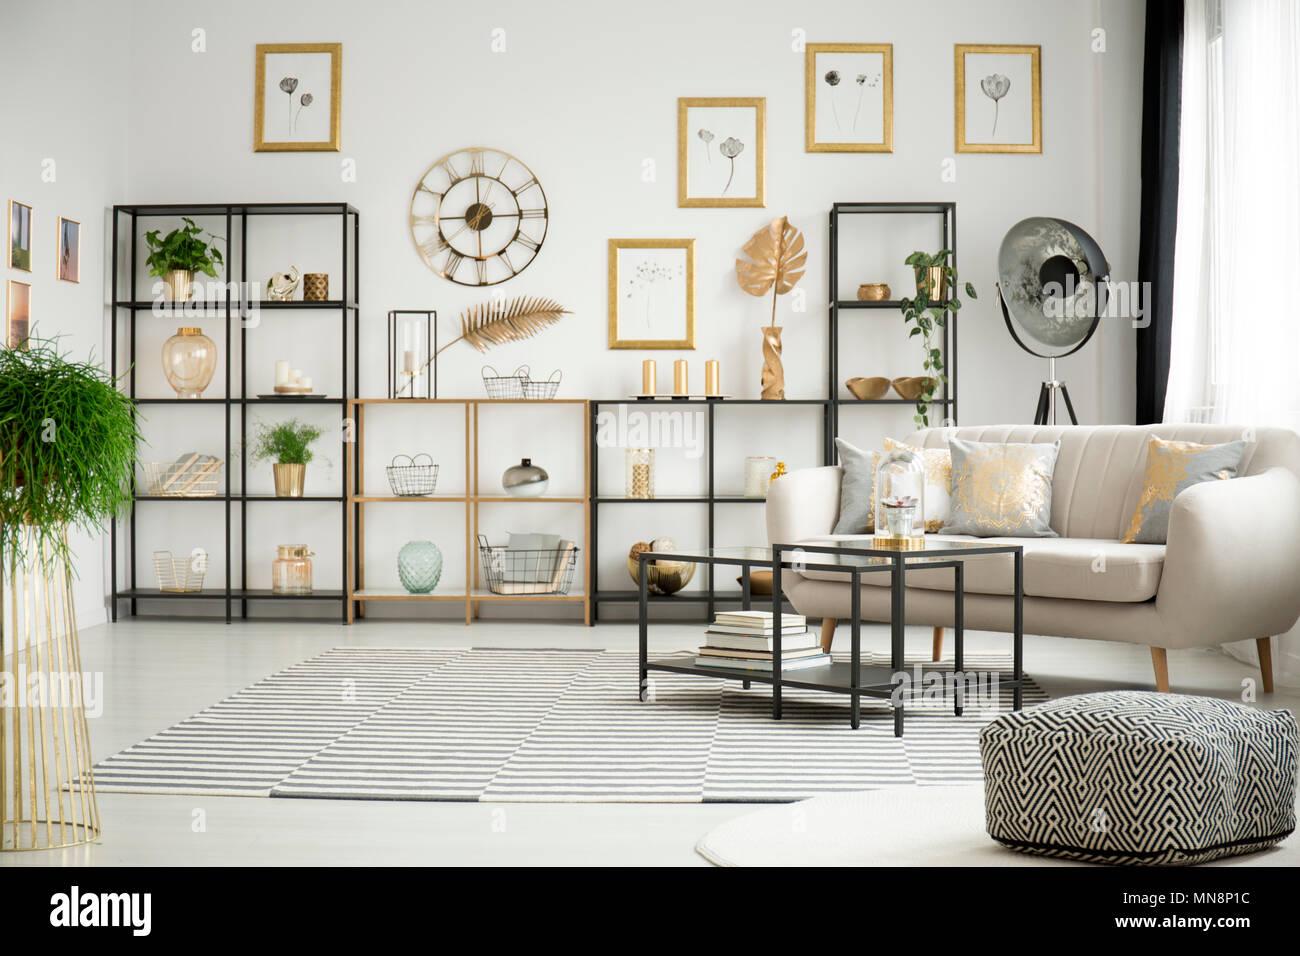 Muster Pouf Und Teppich In Weiß Wohnzimmer Einrichtung Mit Eleganten Sofa,  Metallregale Und Schwarzen Tischen